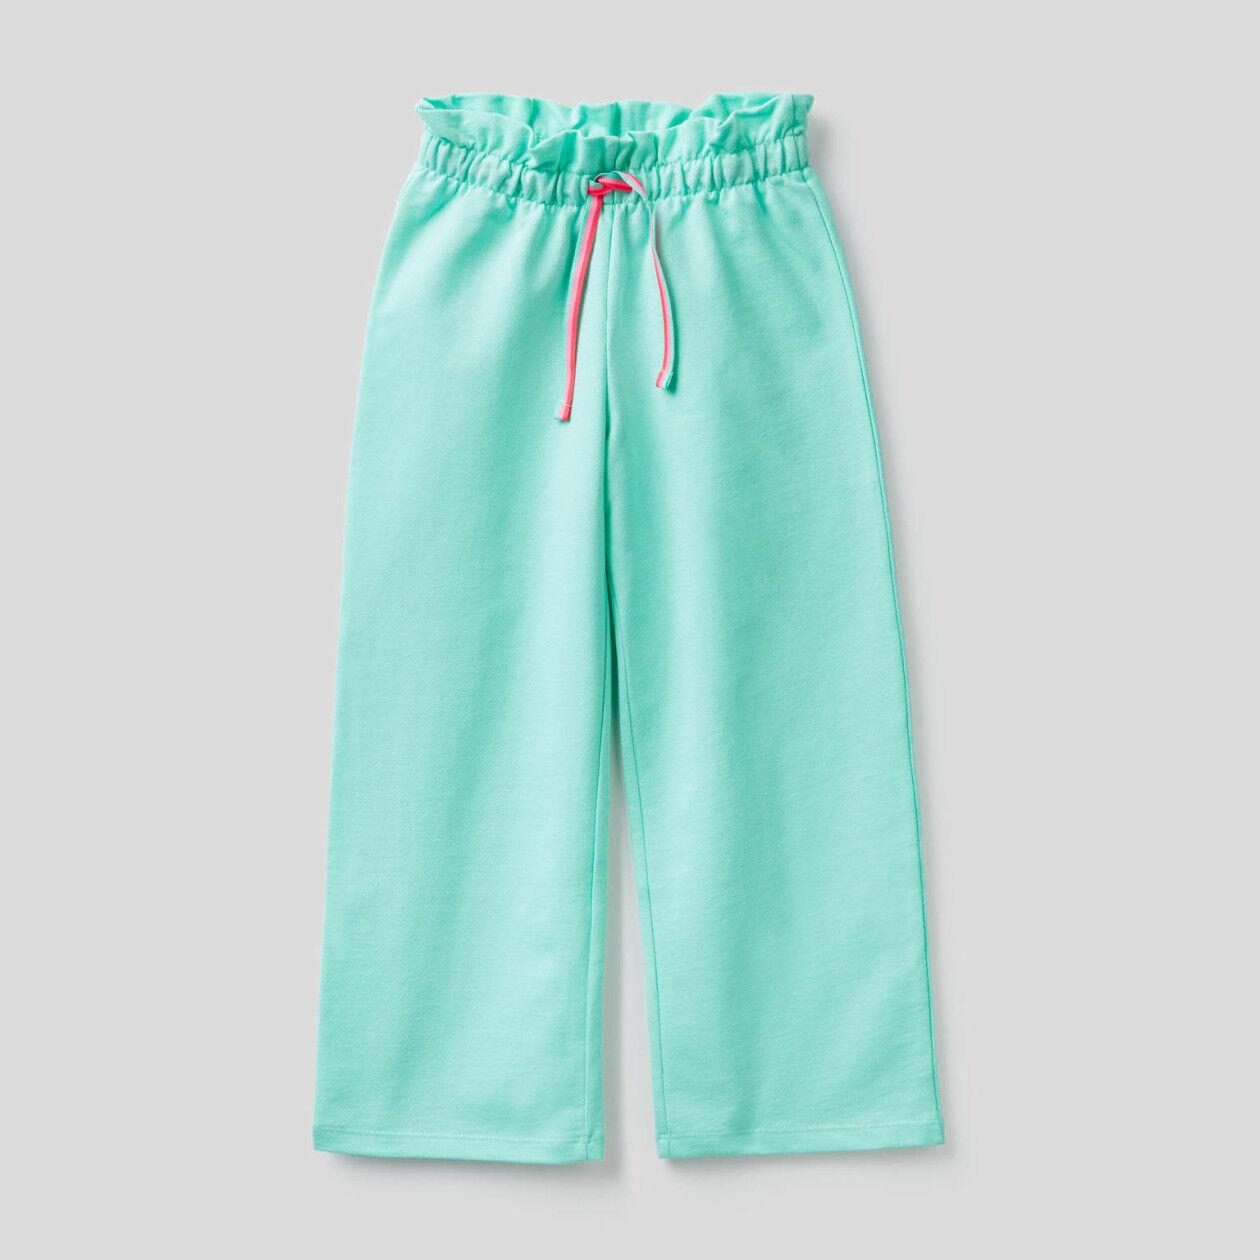 Παντελόνι με φαρδιά γάμπα από ελαφρύ φούτερ